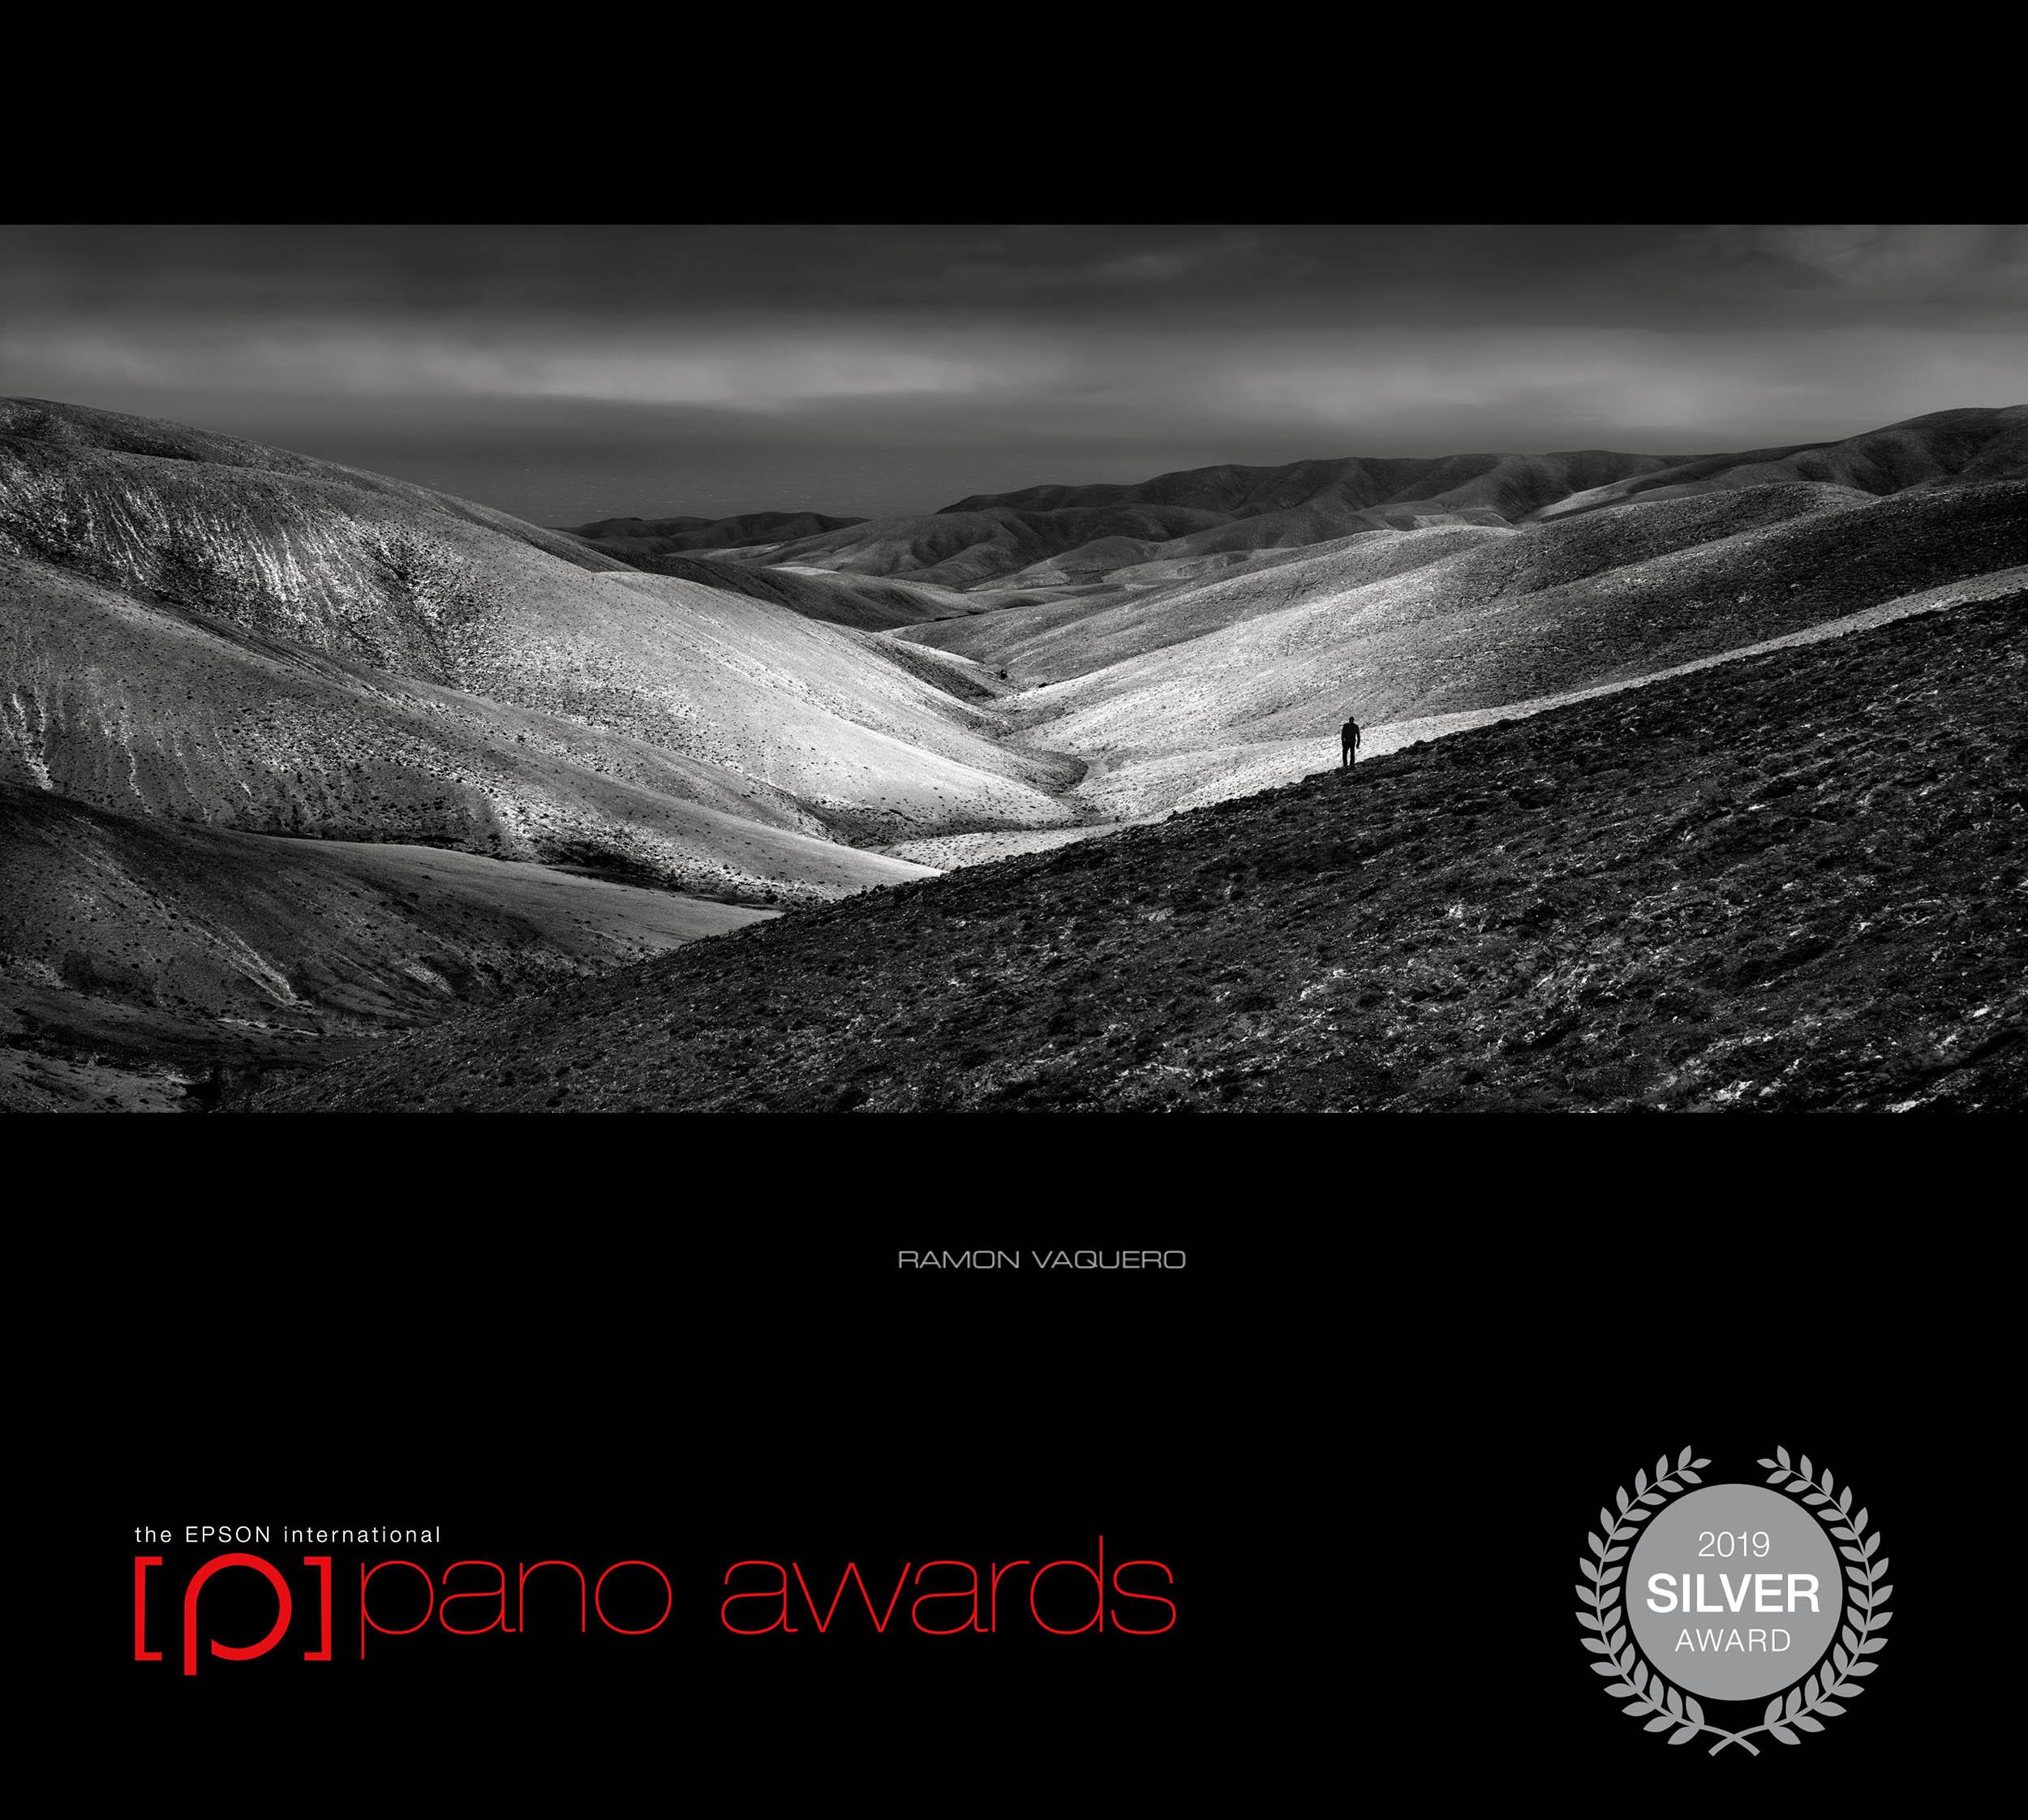 Ramon-vaquero_fotografos-españa_epson-awards_australia